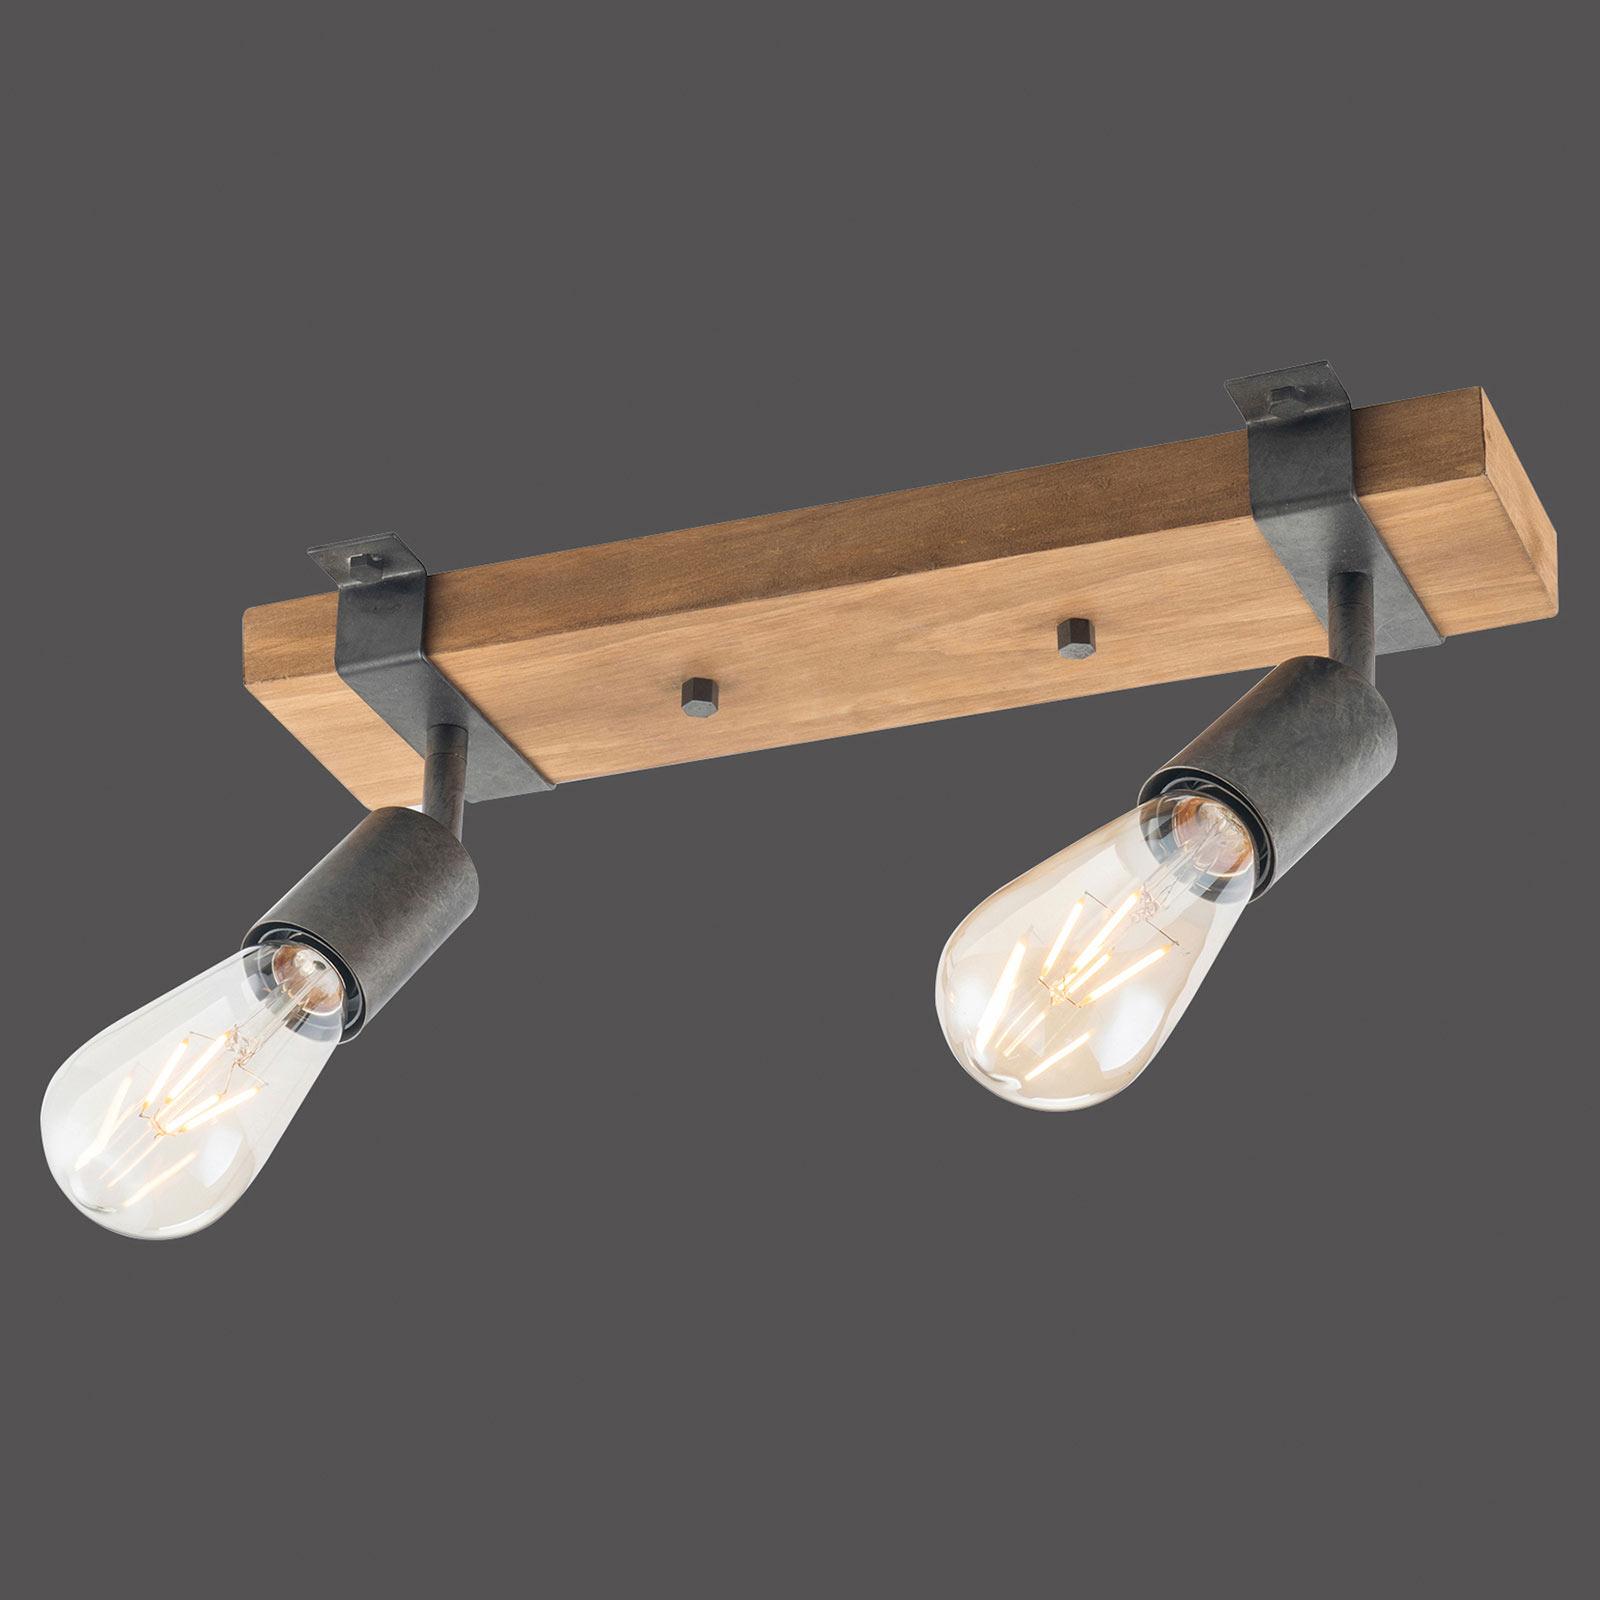 Lampa sufitowa Slat, wychylana, 2-punktowa